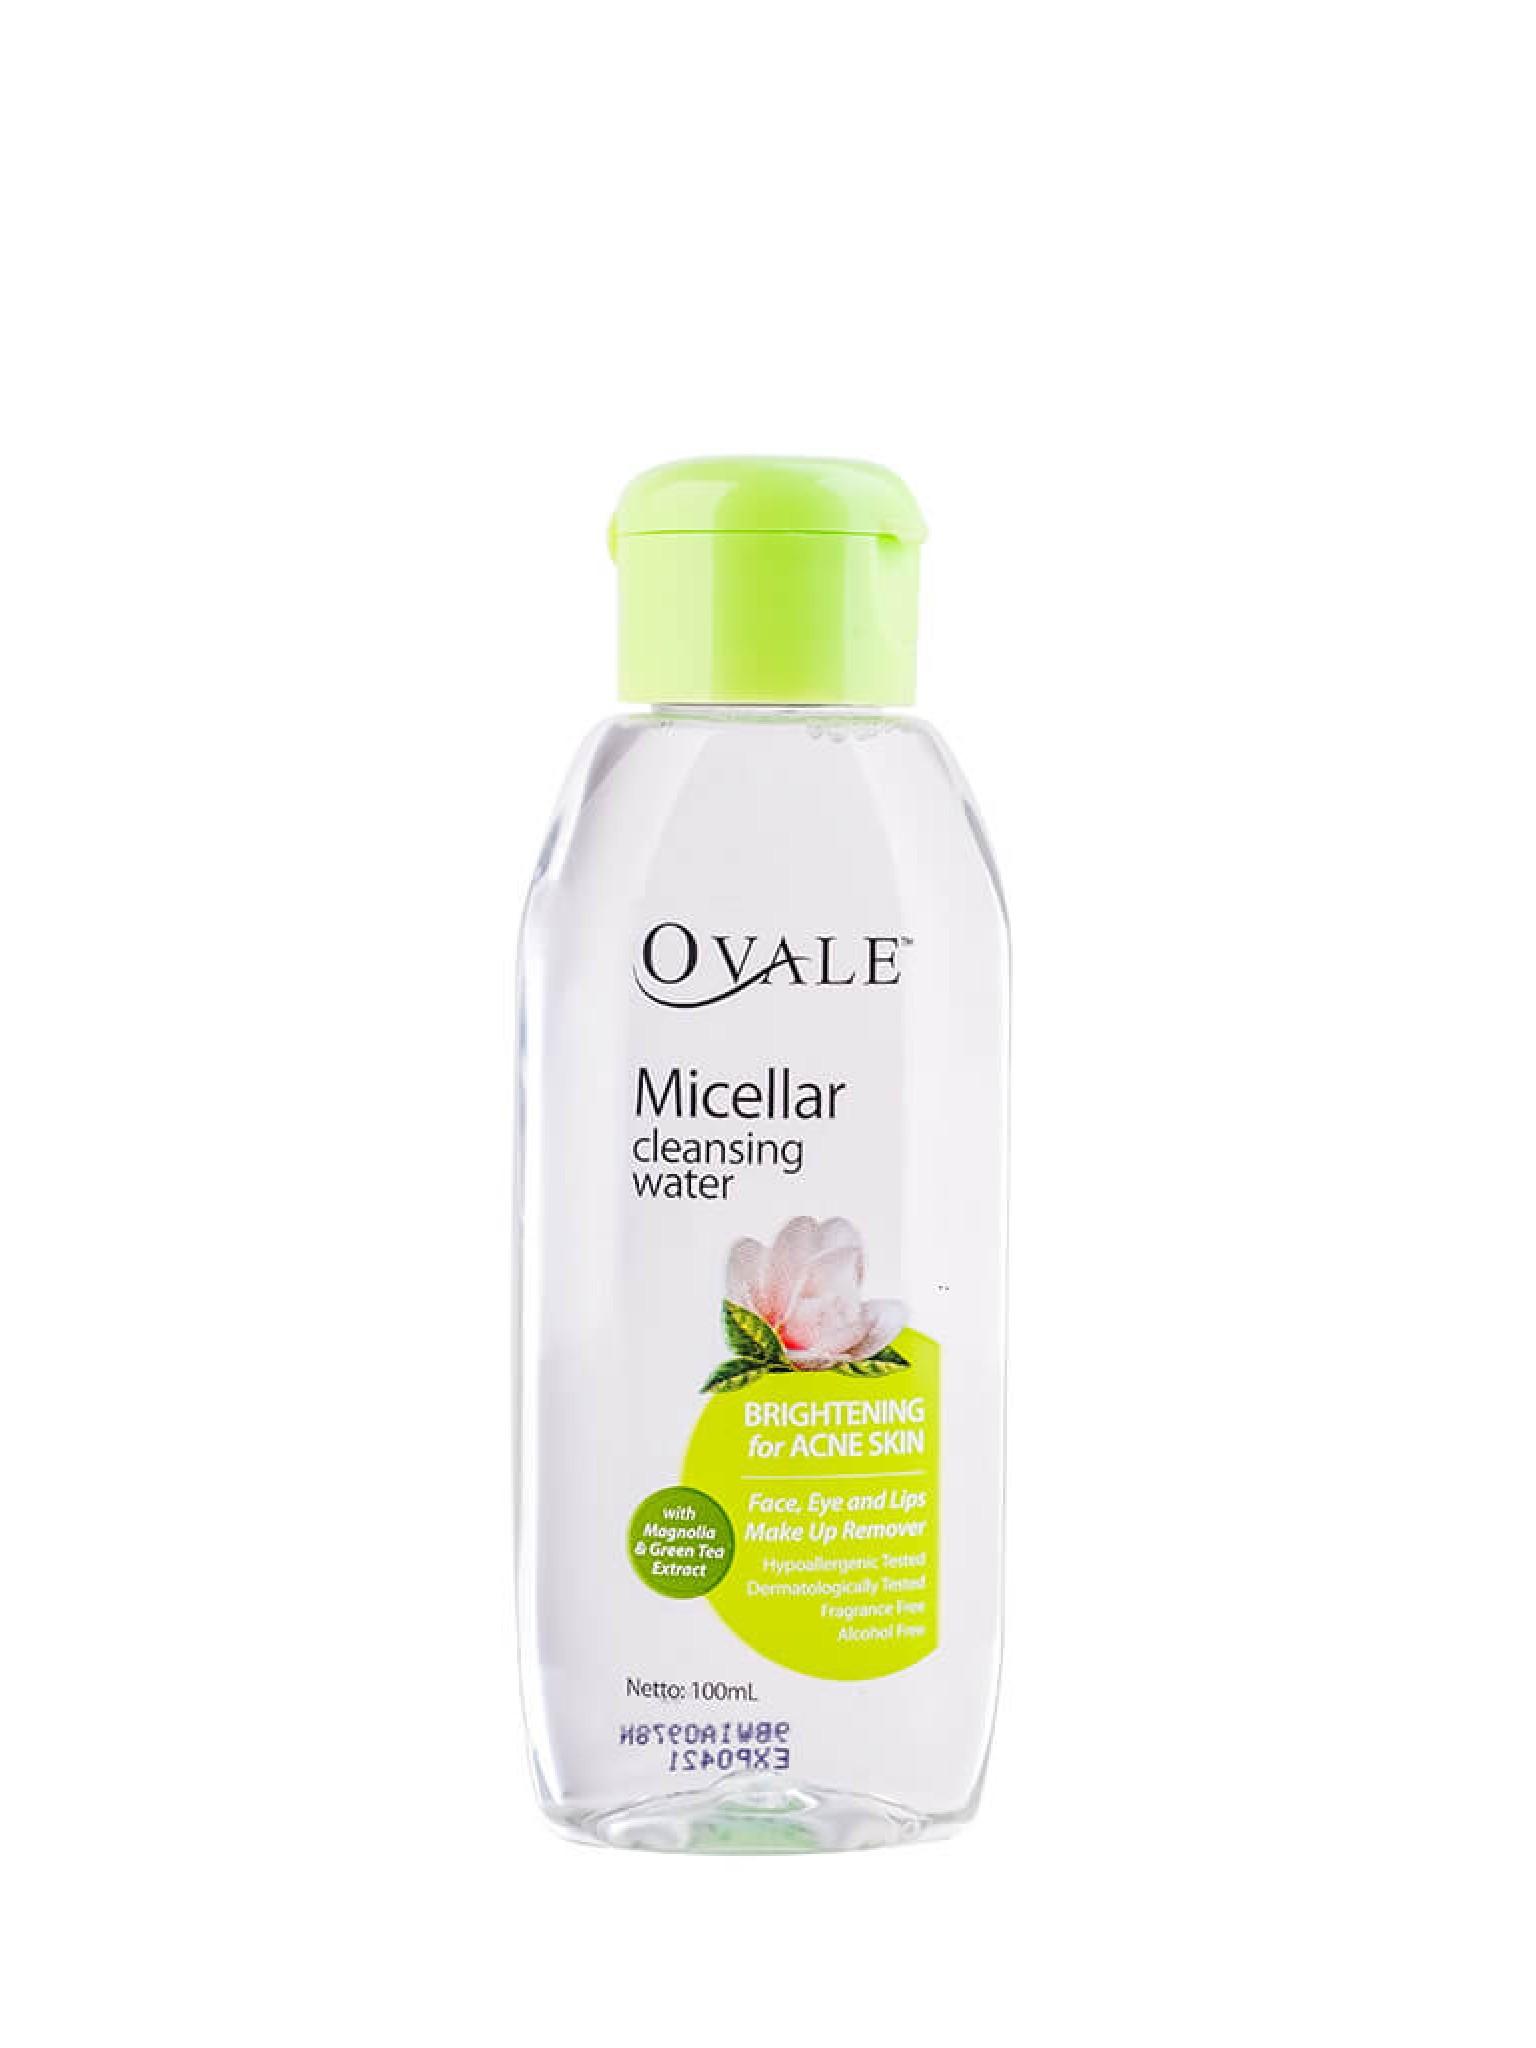 Мицеллярная вода для очищения кожи лица с экстрактом магнолии и зеленого чая для проблемной, склонной к появлению прыщей кожи